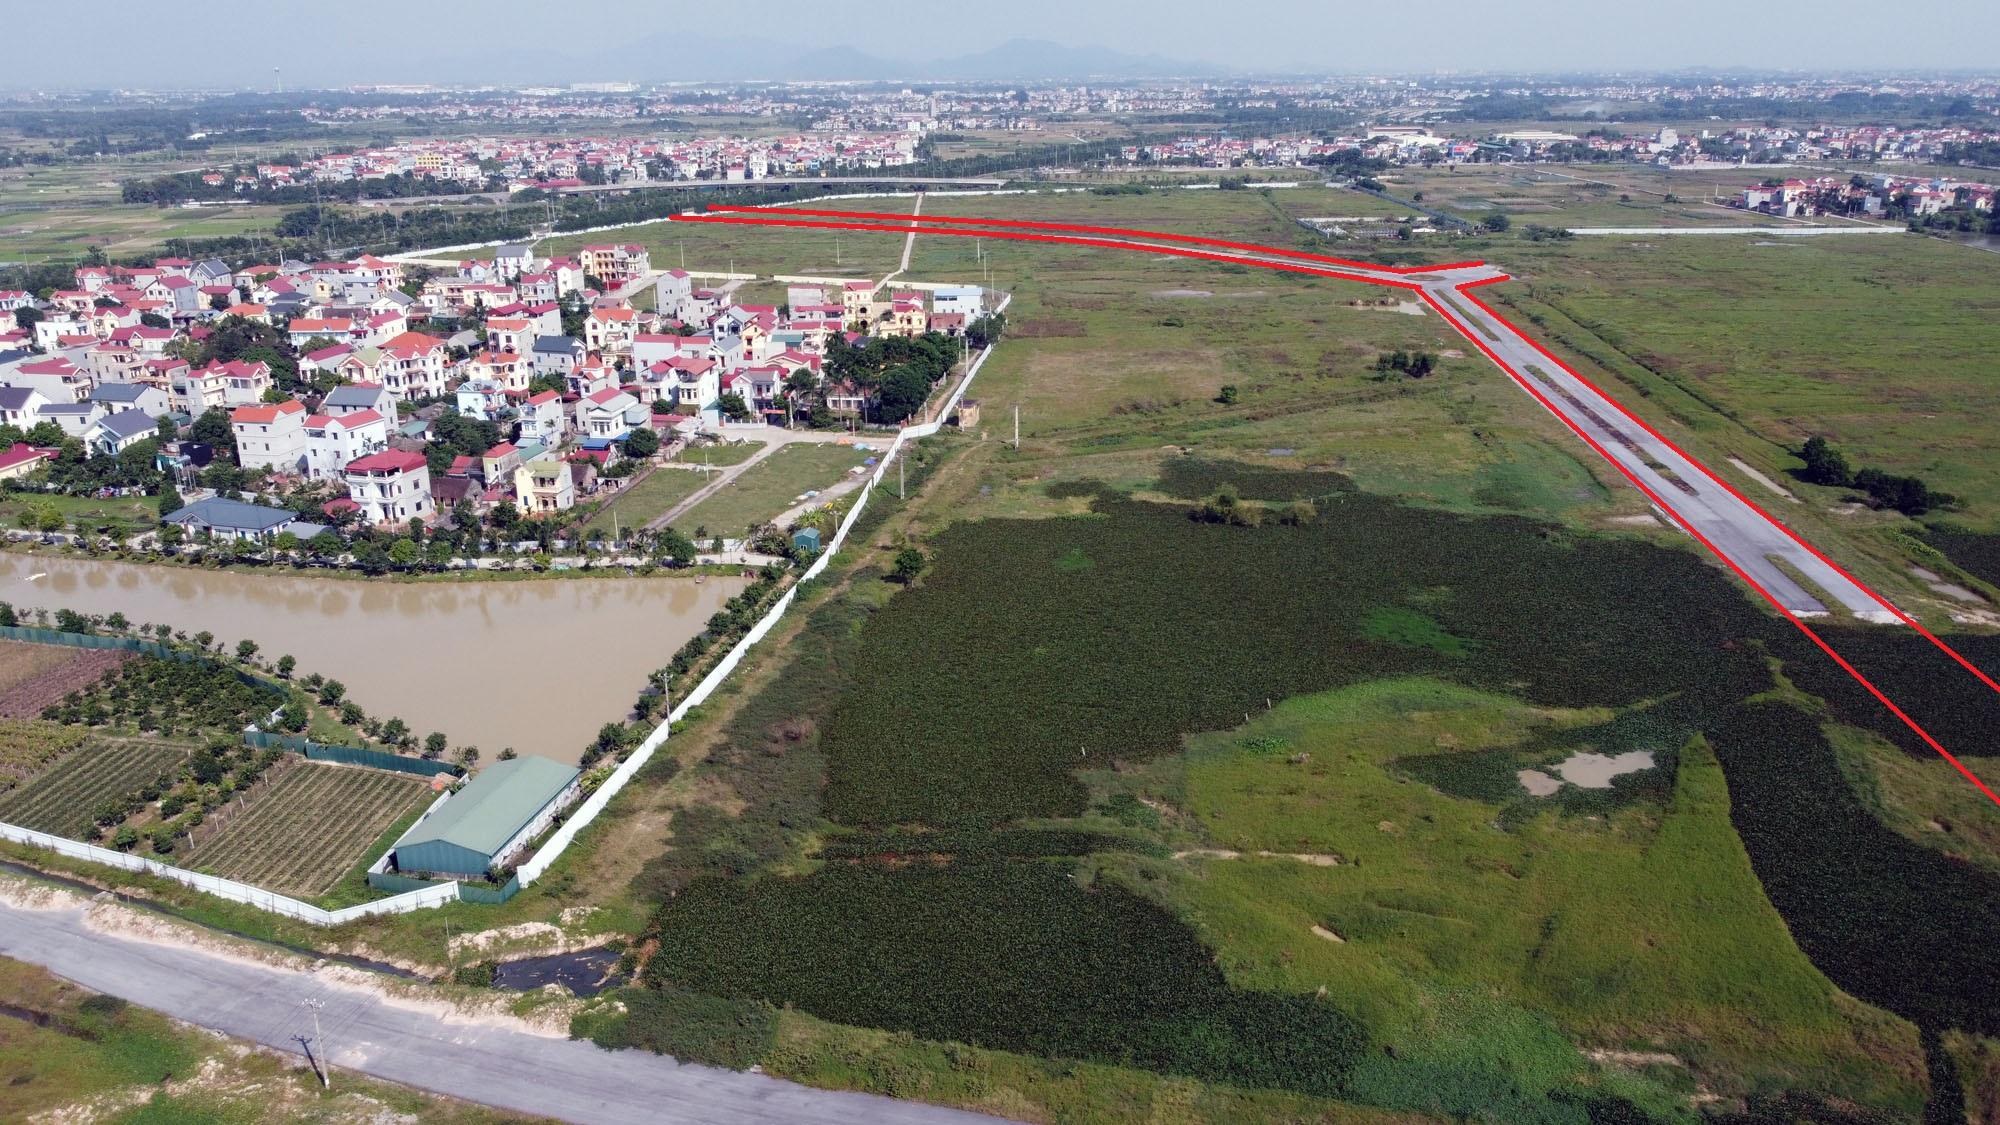 5 đường sẽ mở theo qui hoạch ở xã Nguyên Khê, Đông Anh, Hà Nội - Ảnh 13.